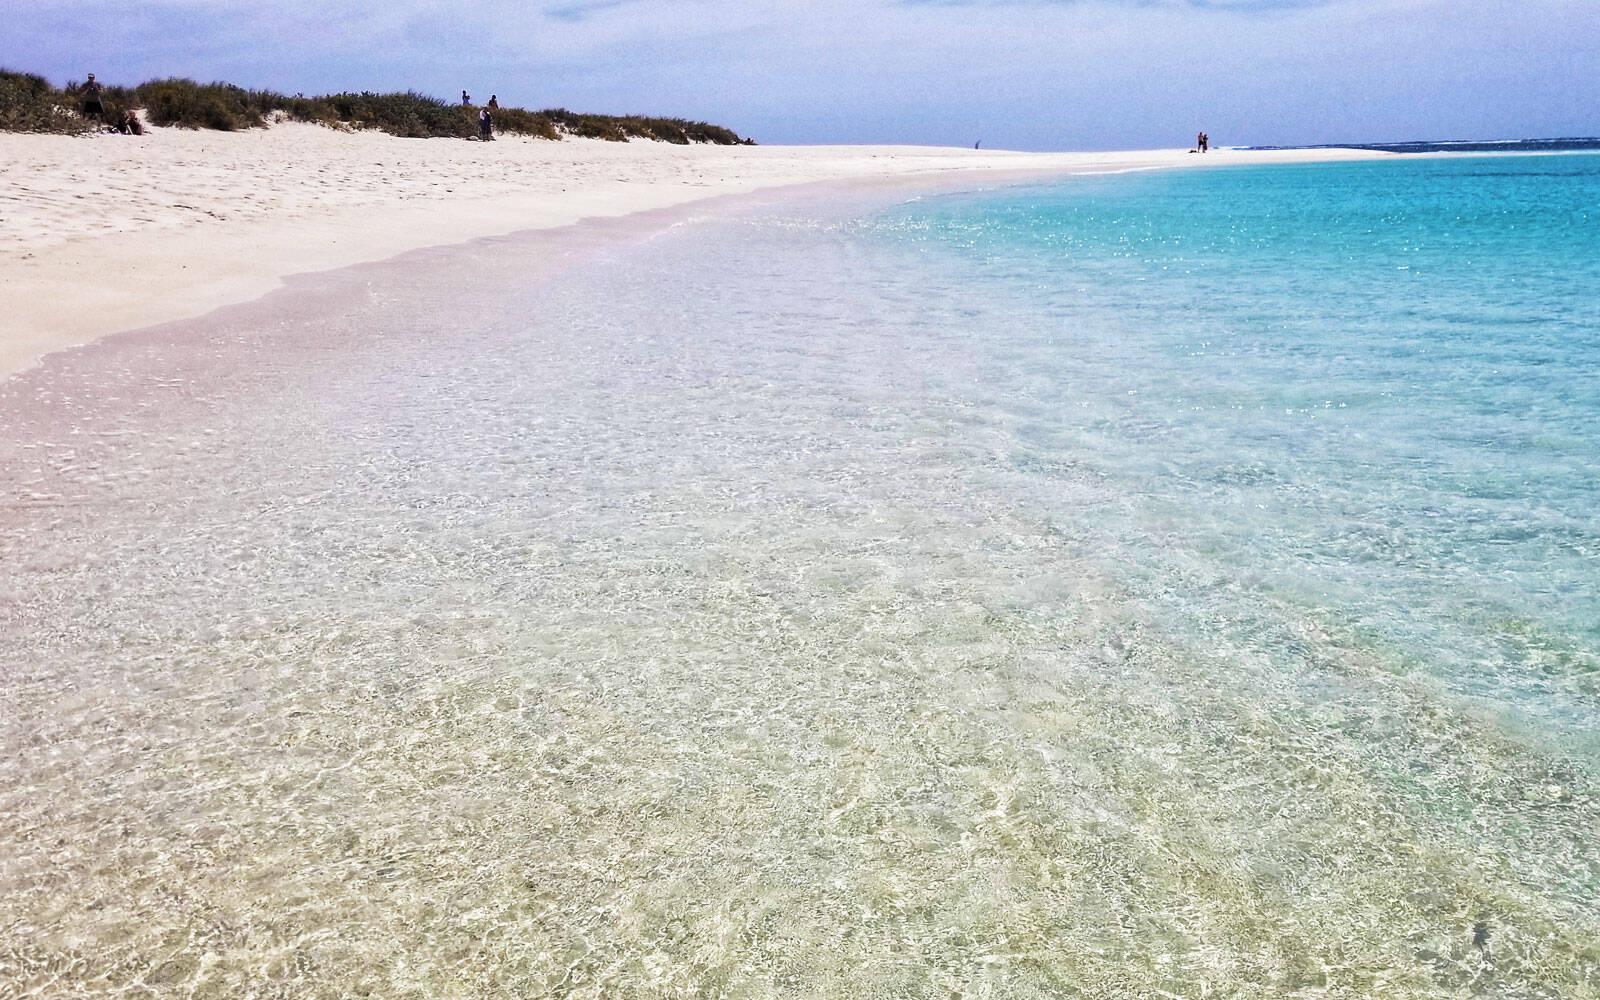 Turistas dizem que é normal que peixes nadem ao redor dos turistas no mar de Turquoise Bay. Foto: World Beach guide